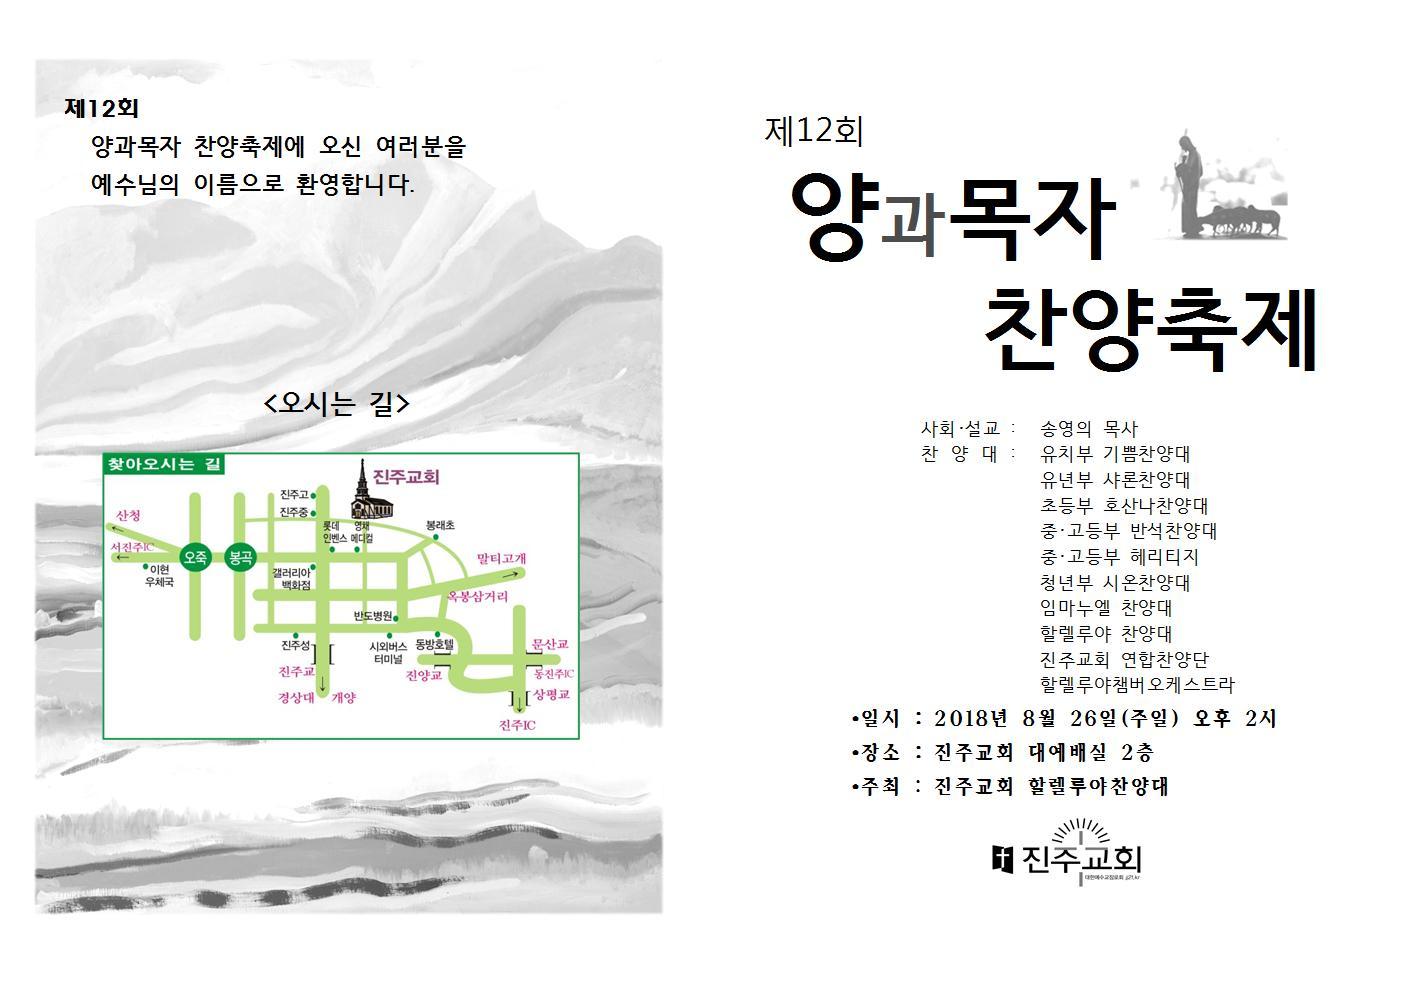 2018년 제12회 양과 목자 찬양 축제 순서지001.jpg